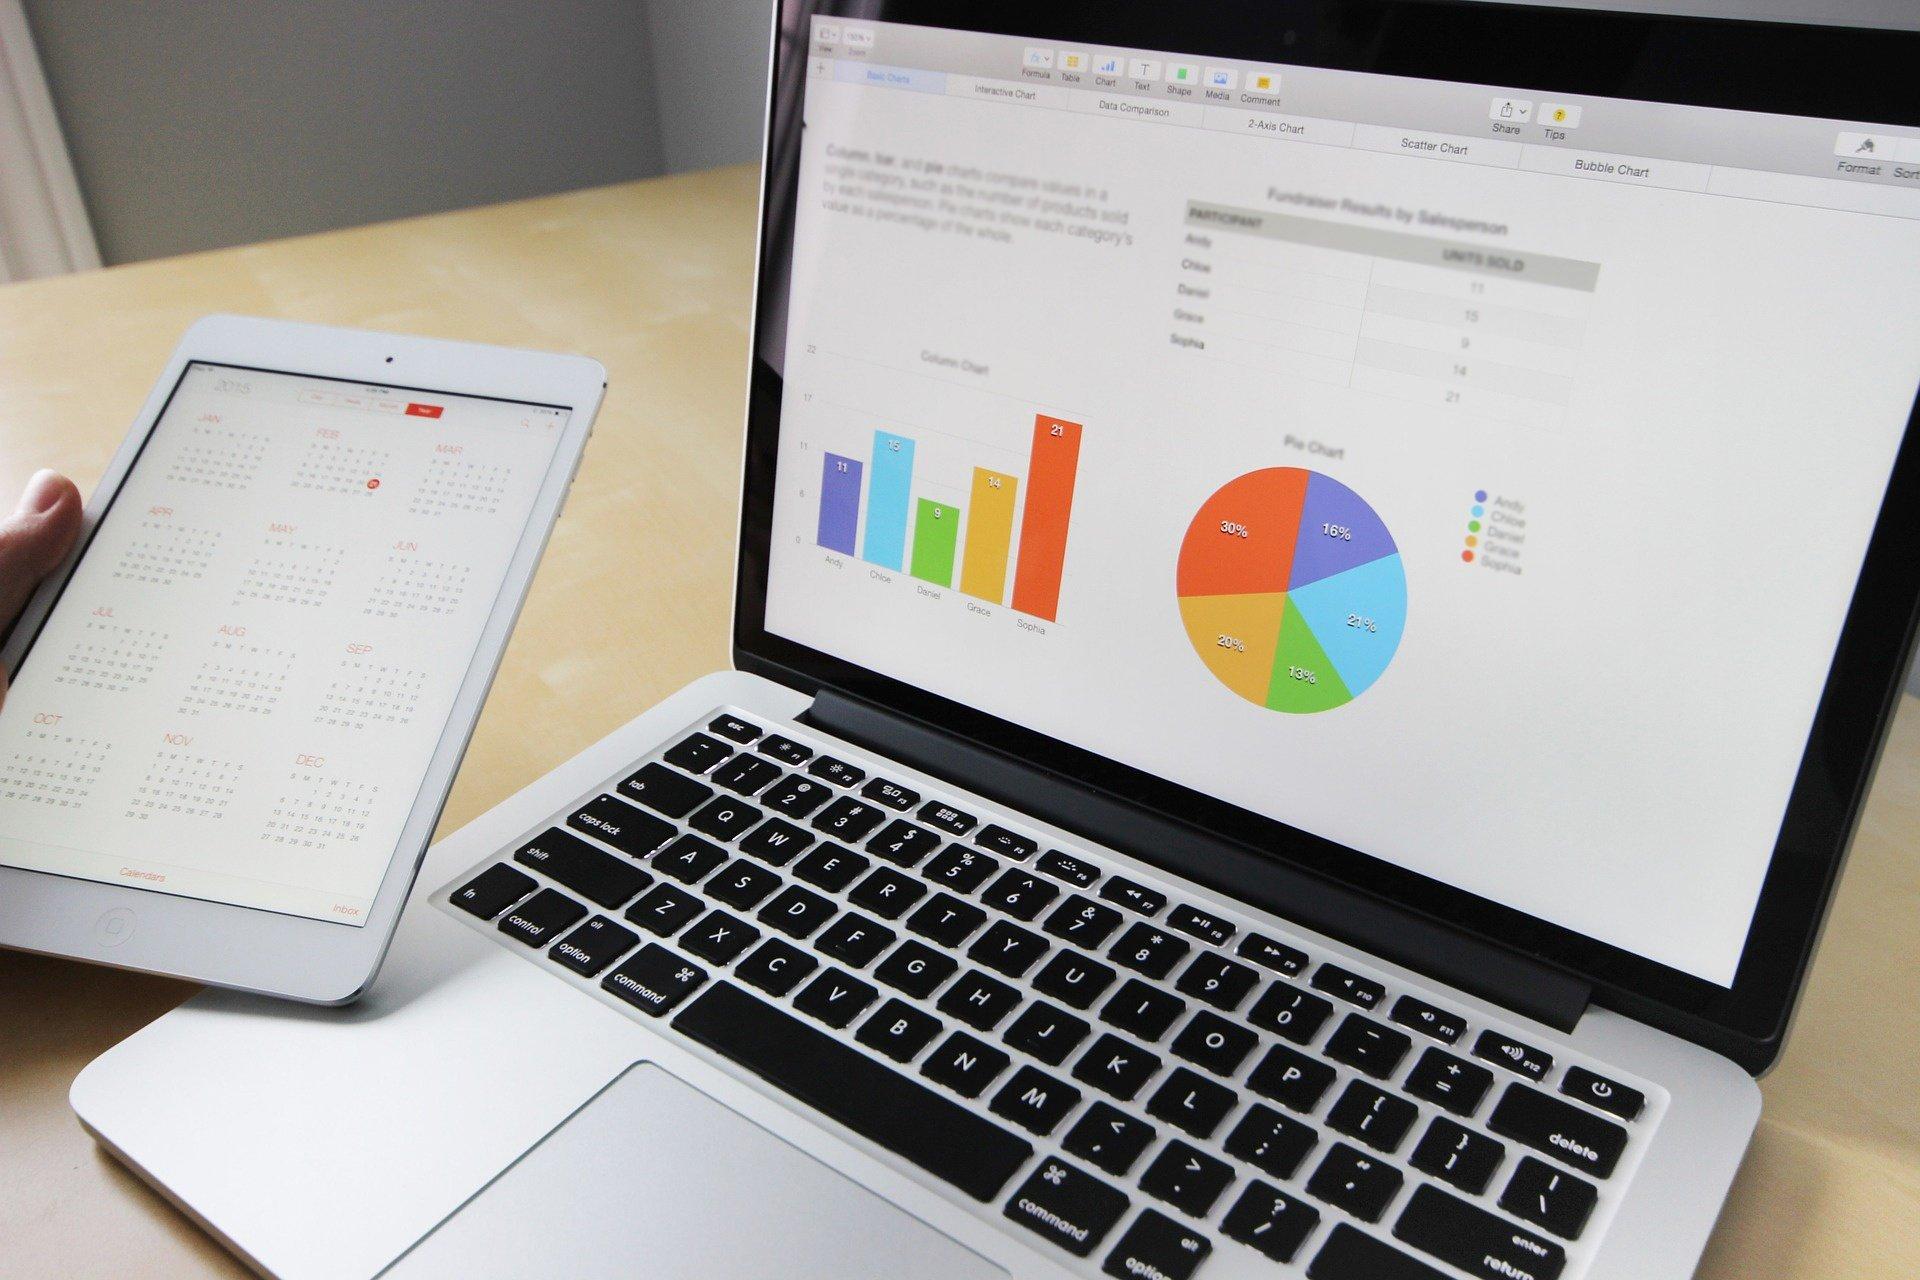 Hosted_Pbx_business_laptop1.jpg